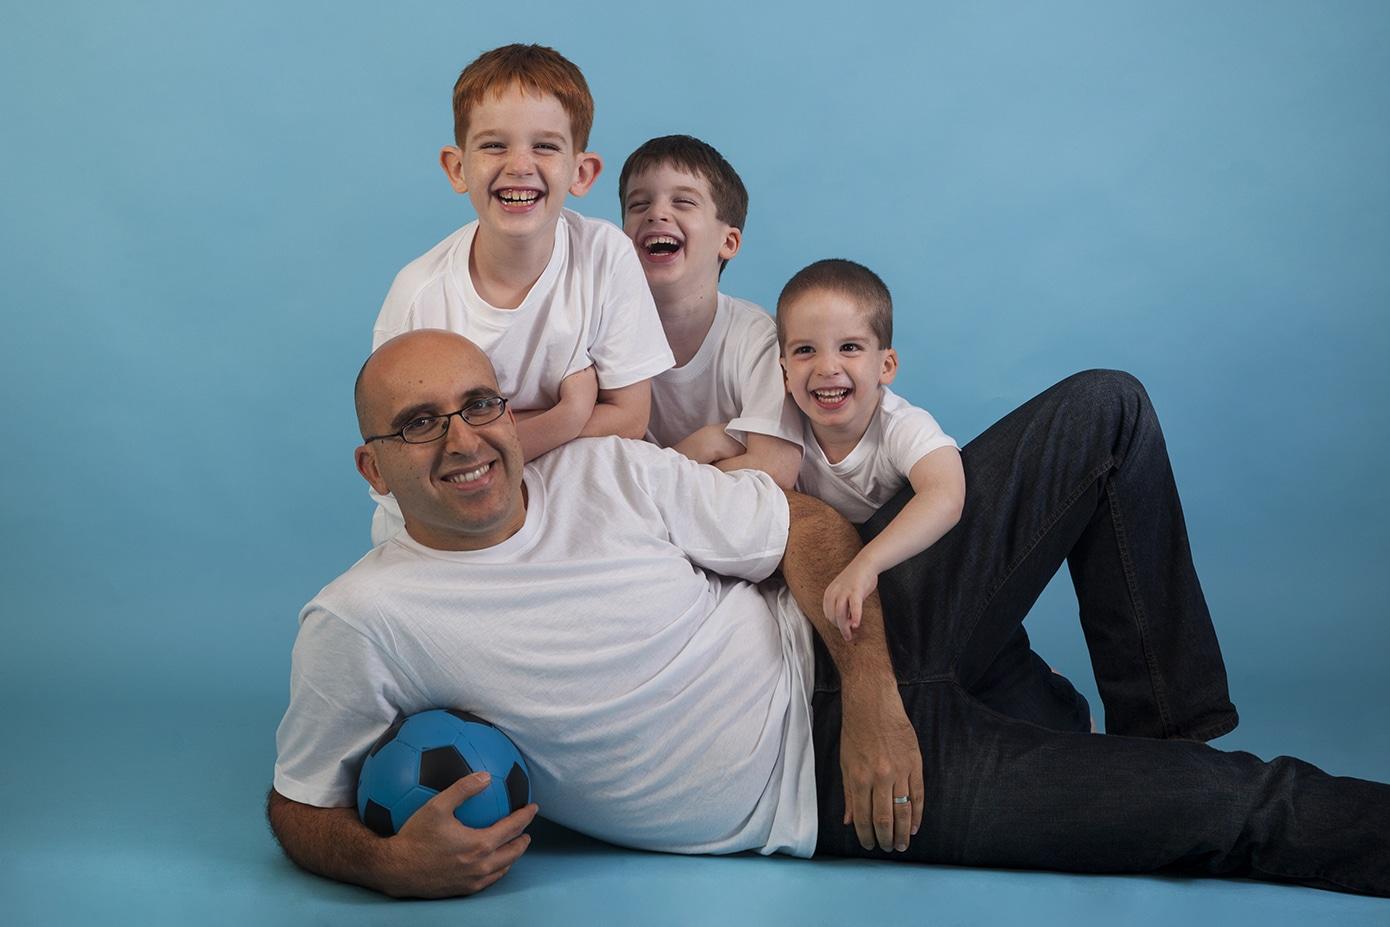 צילומי משפחה בסטודיו גיל לוין משפחת כהן ציון (2)